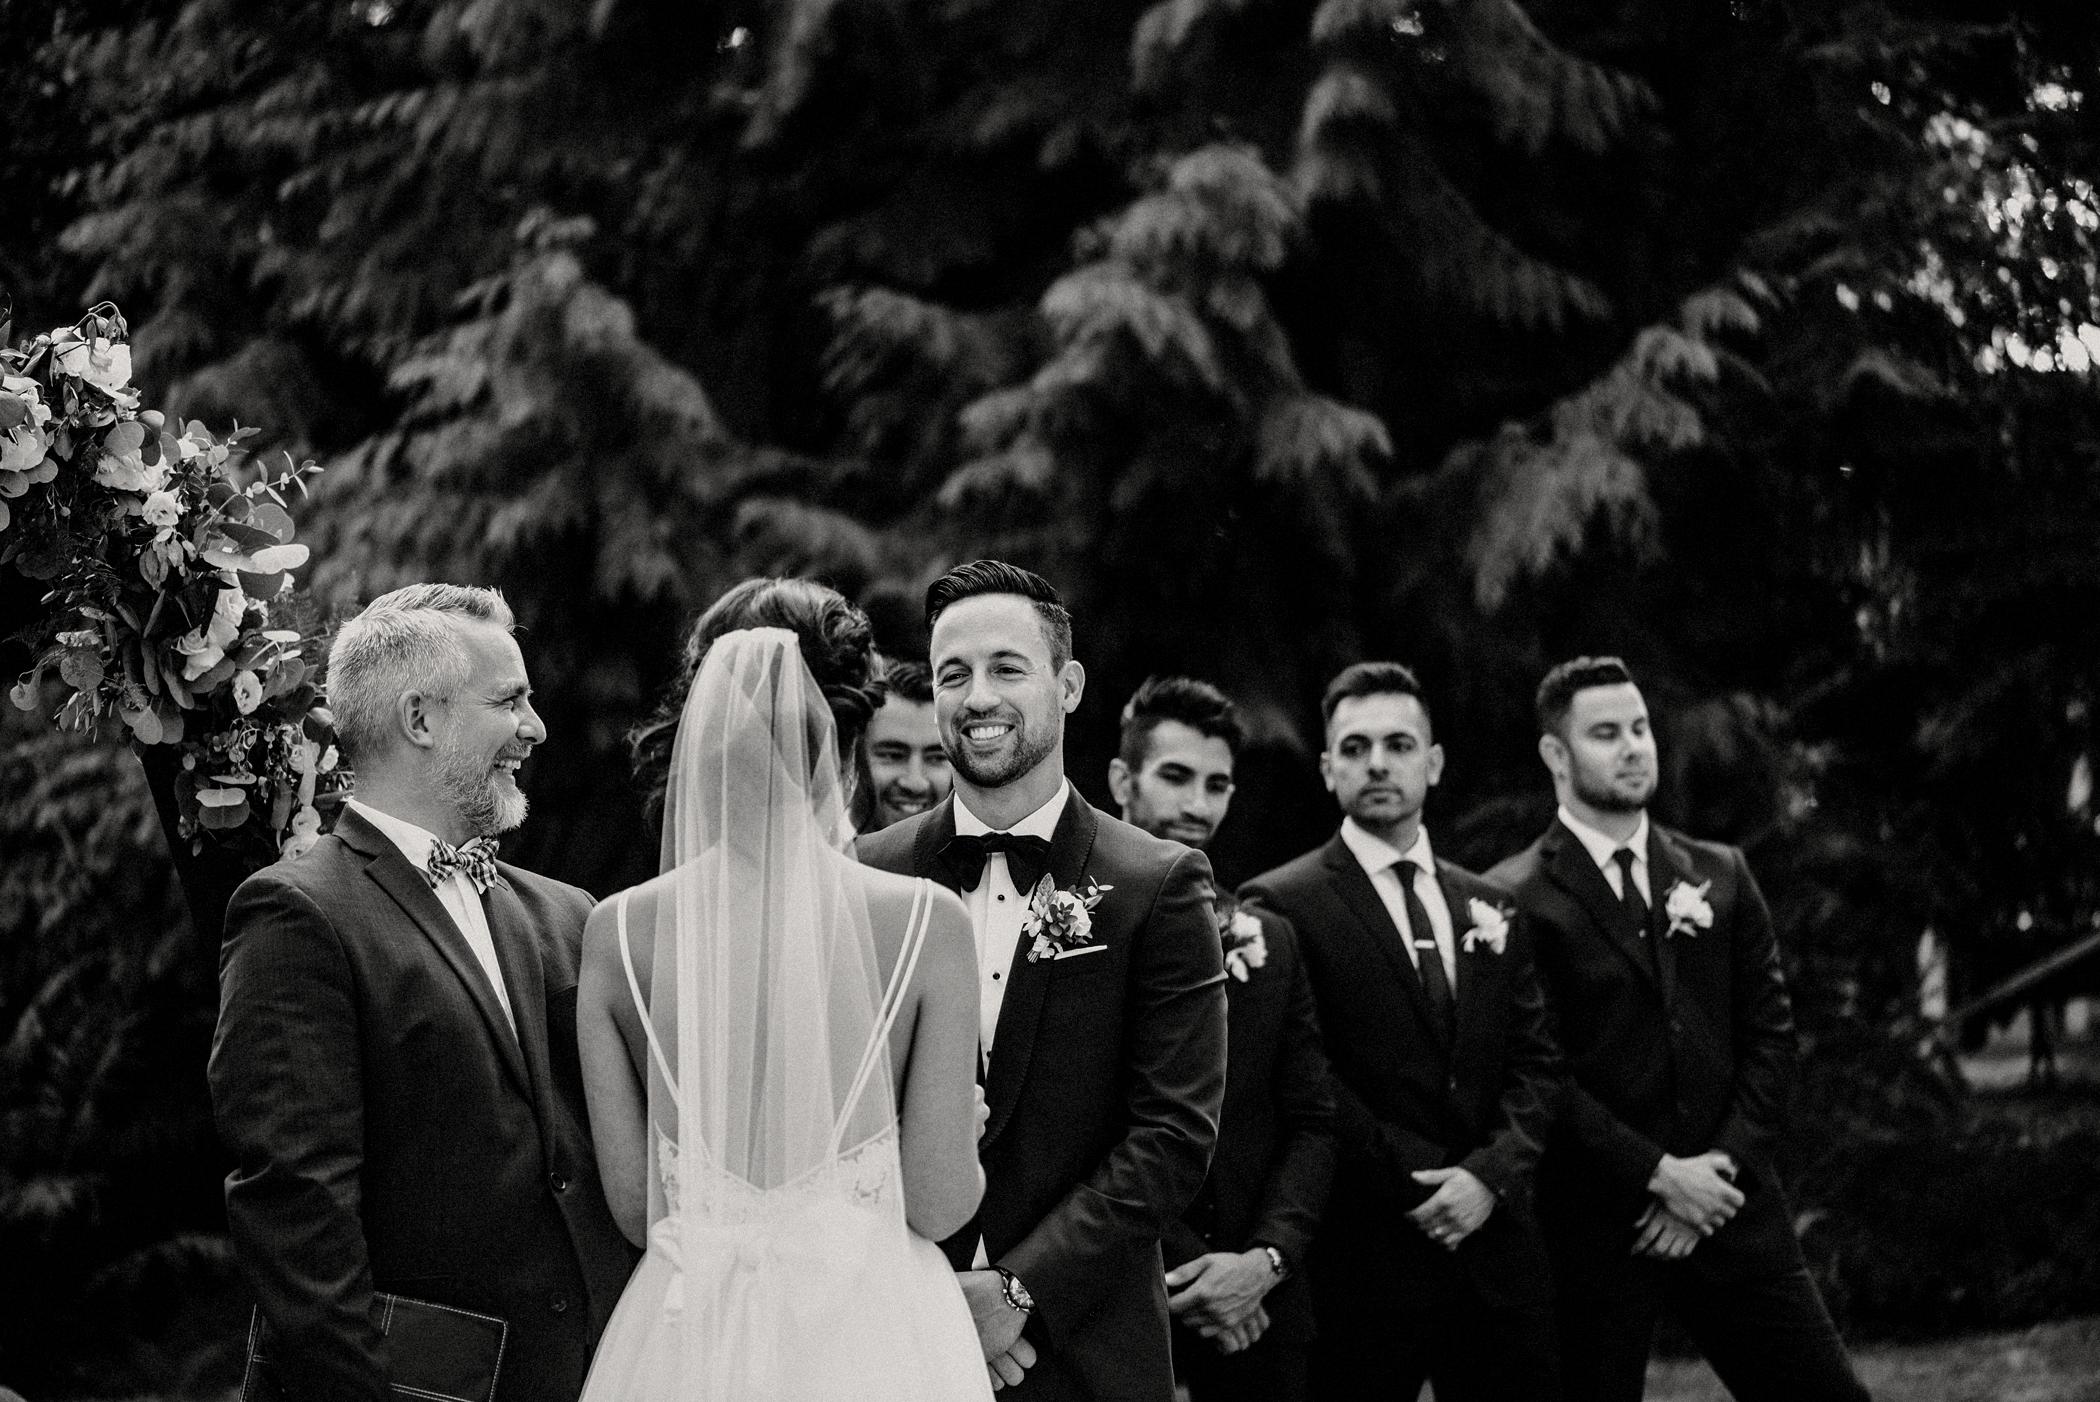 040-kaoverii-silva-KR-wedding-vancouver-photography-blog.png